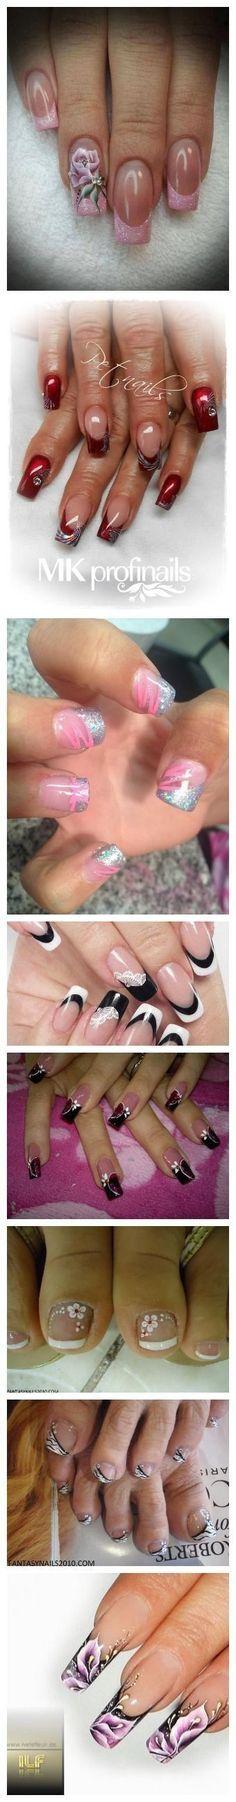 Diese würden mir gefallen...